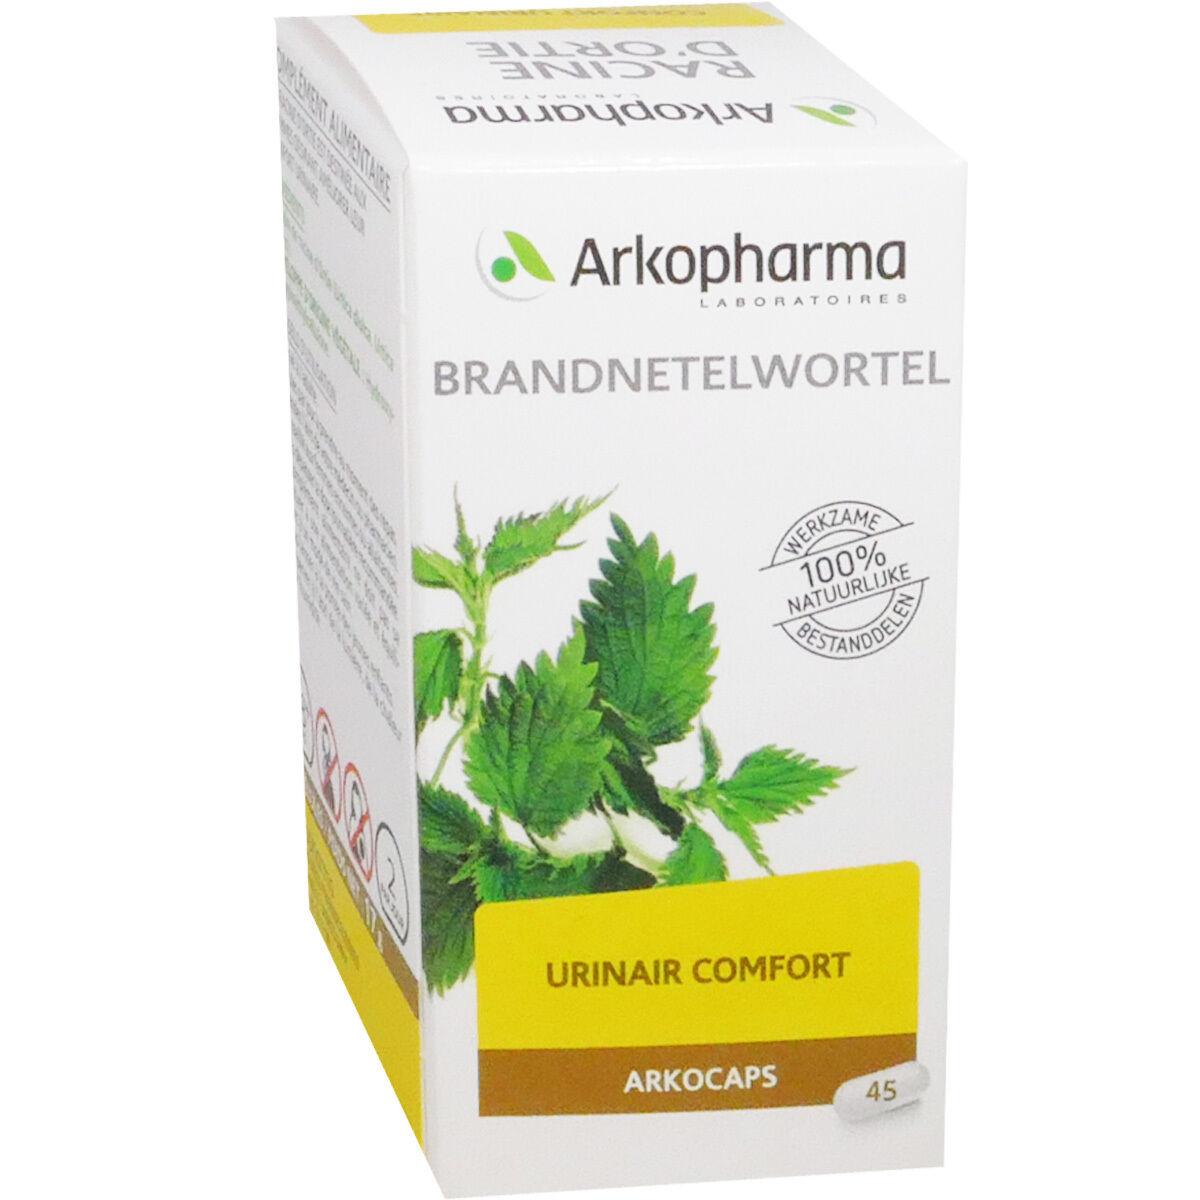 Arkopharma racine d'ortie confort urinaire 45 gelules